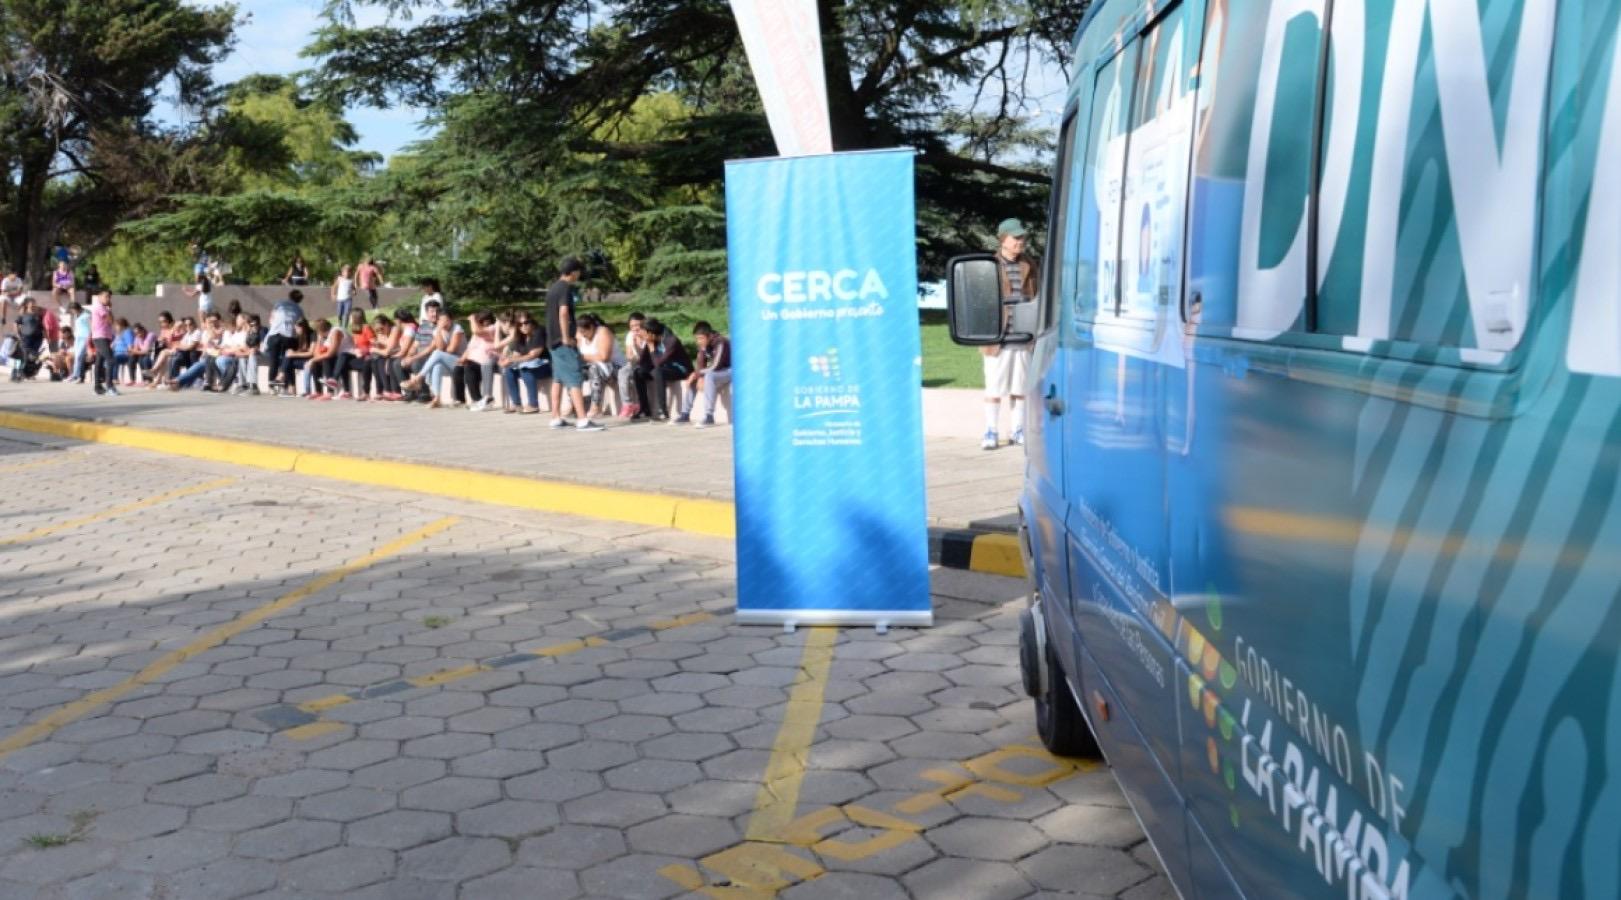 """Arrancó el programa """"Cerca"""" 2020 en Intendente Alvear"""